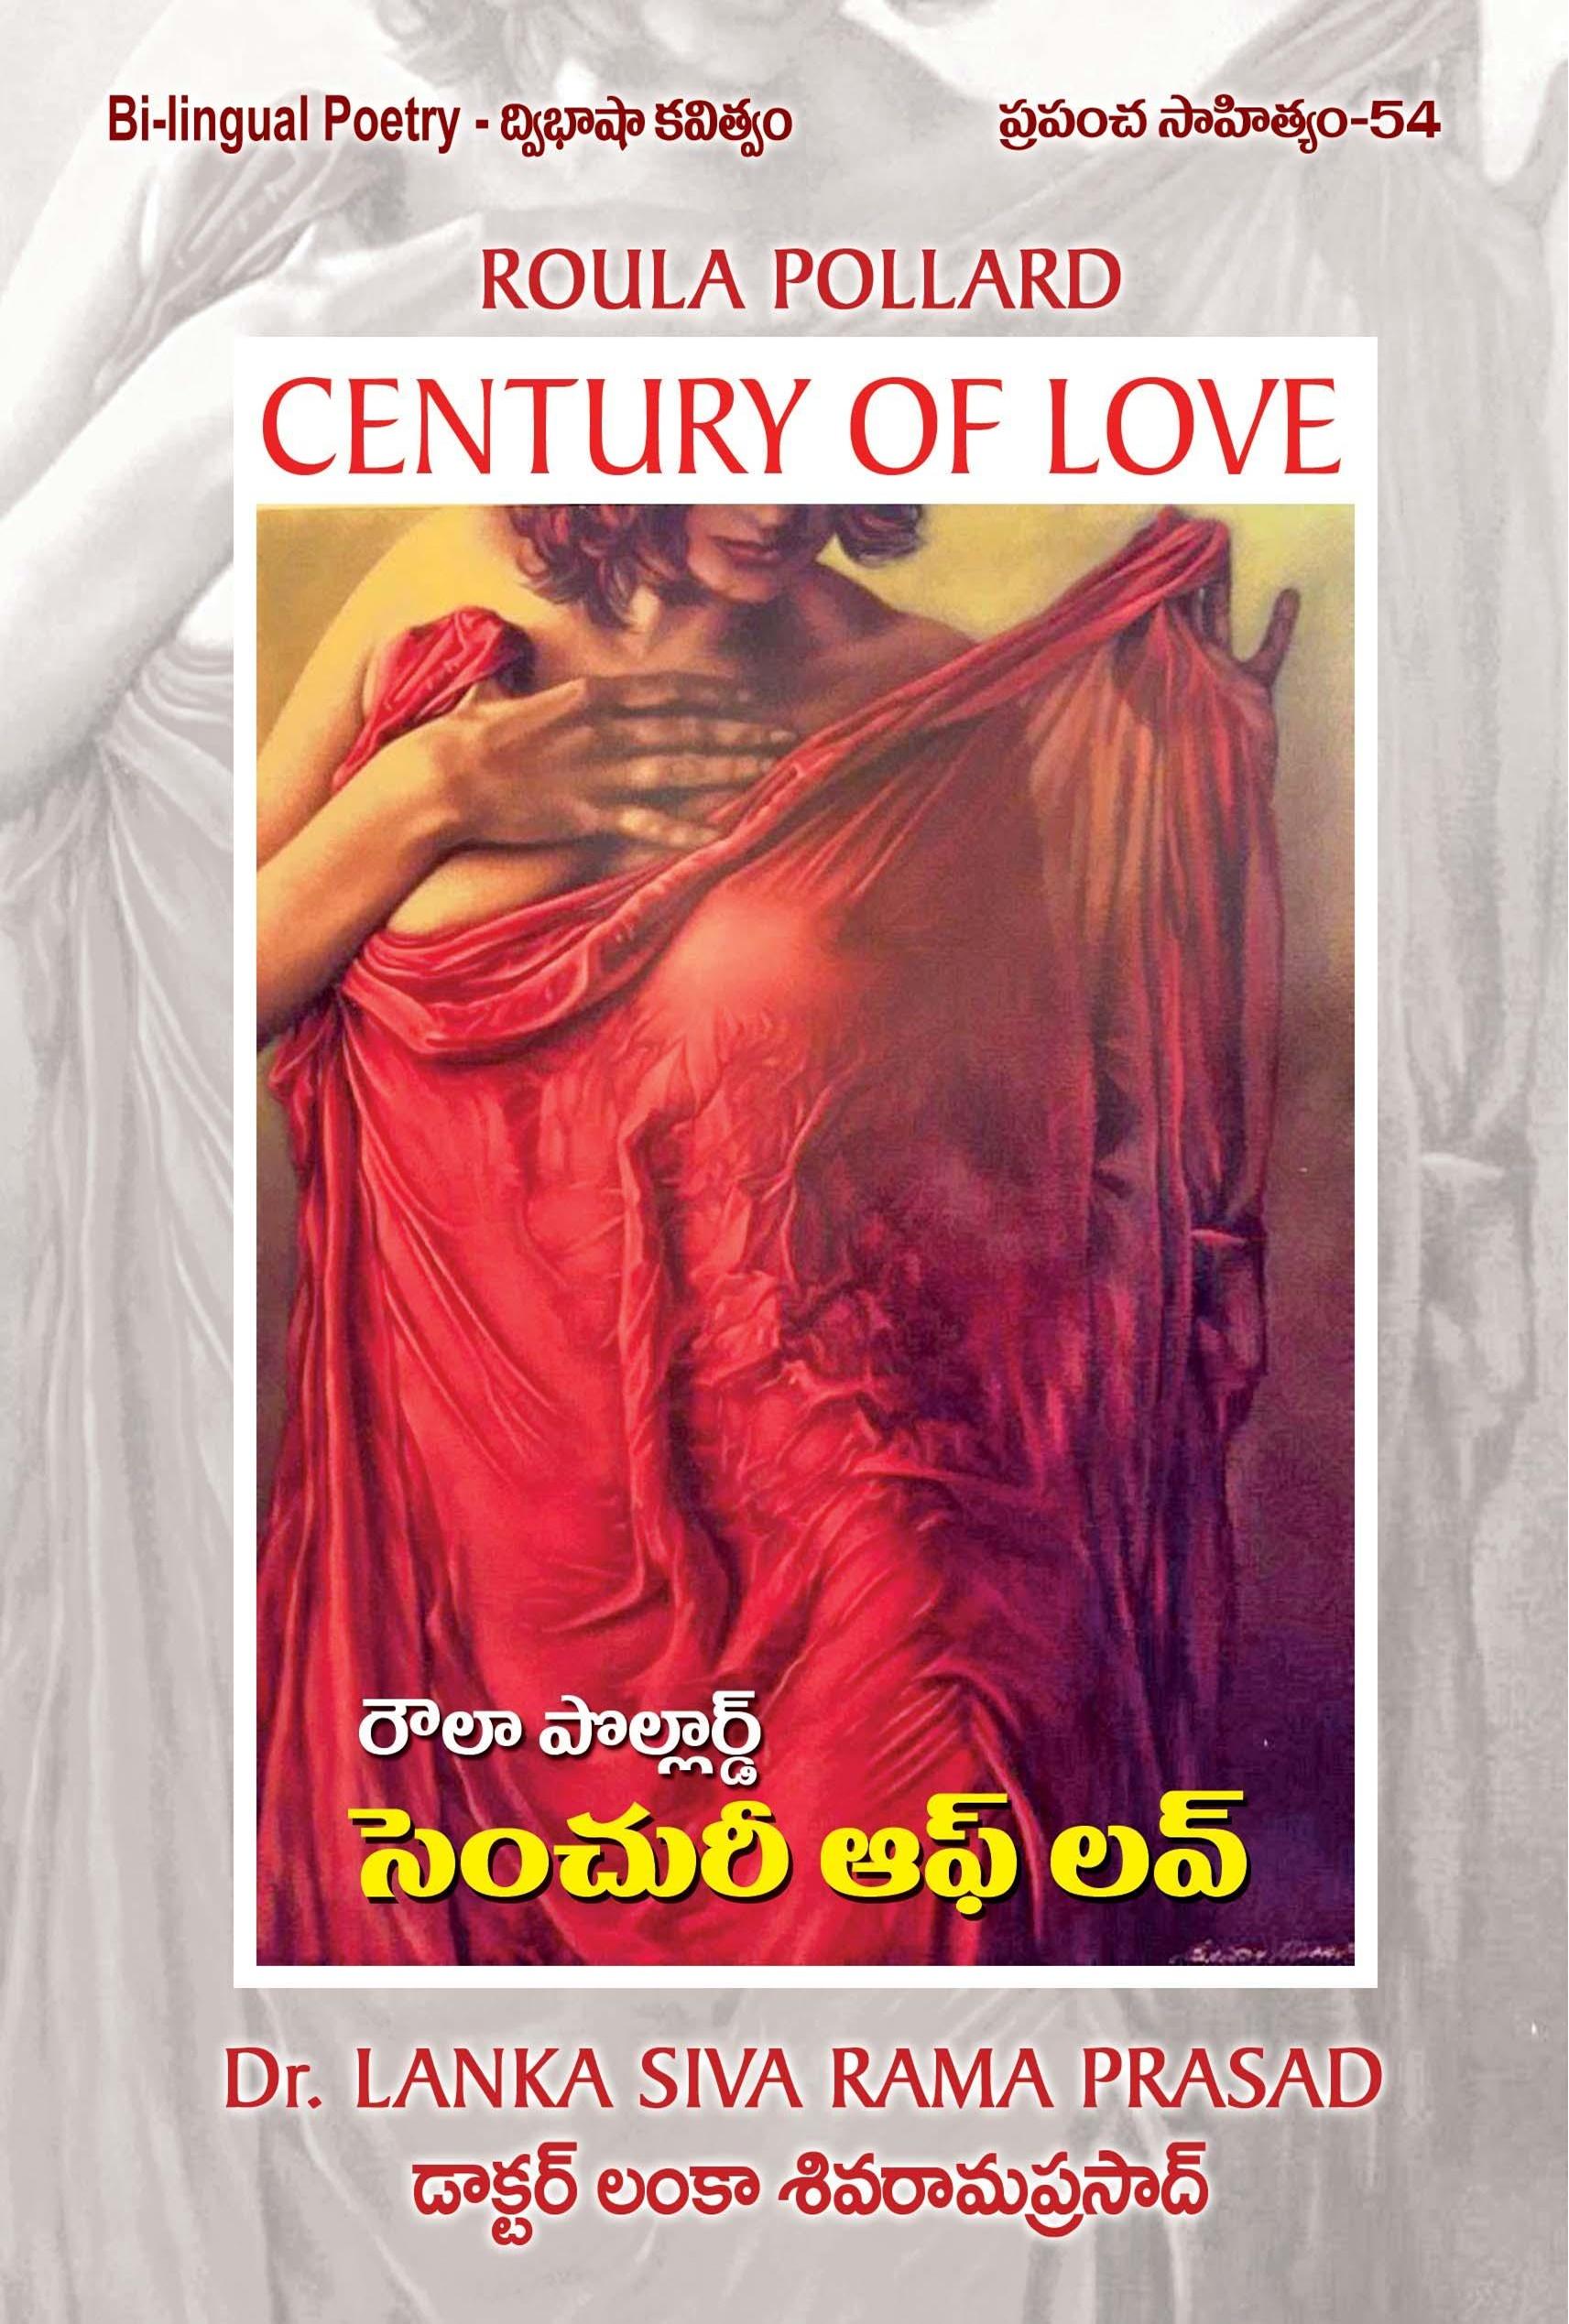 Century of Love (Roula Pollard)